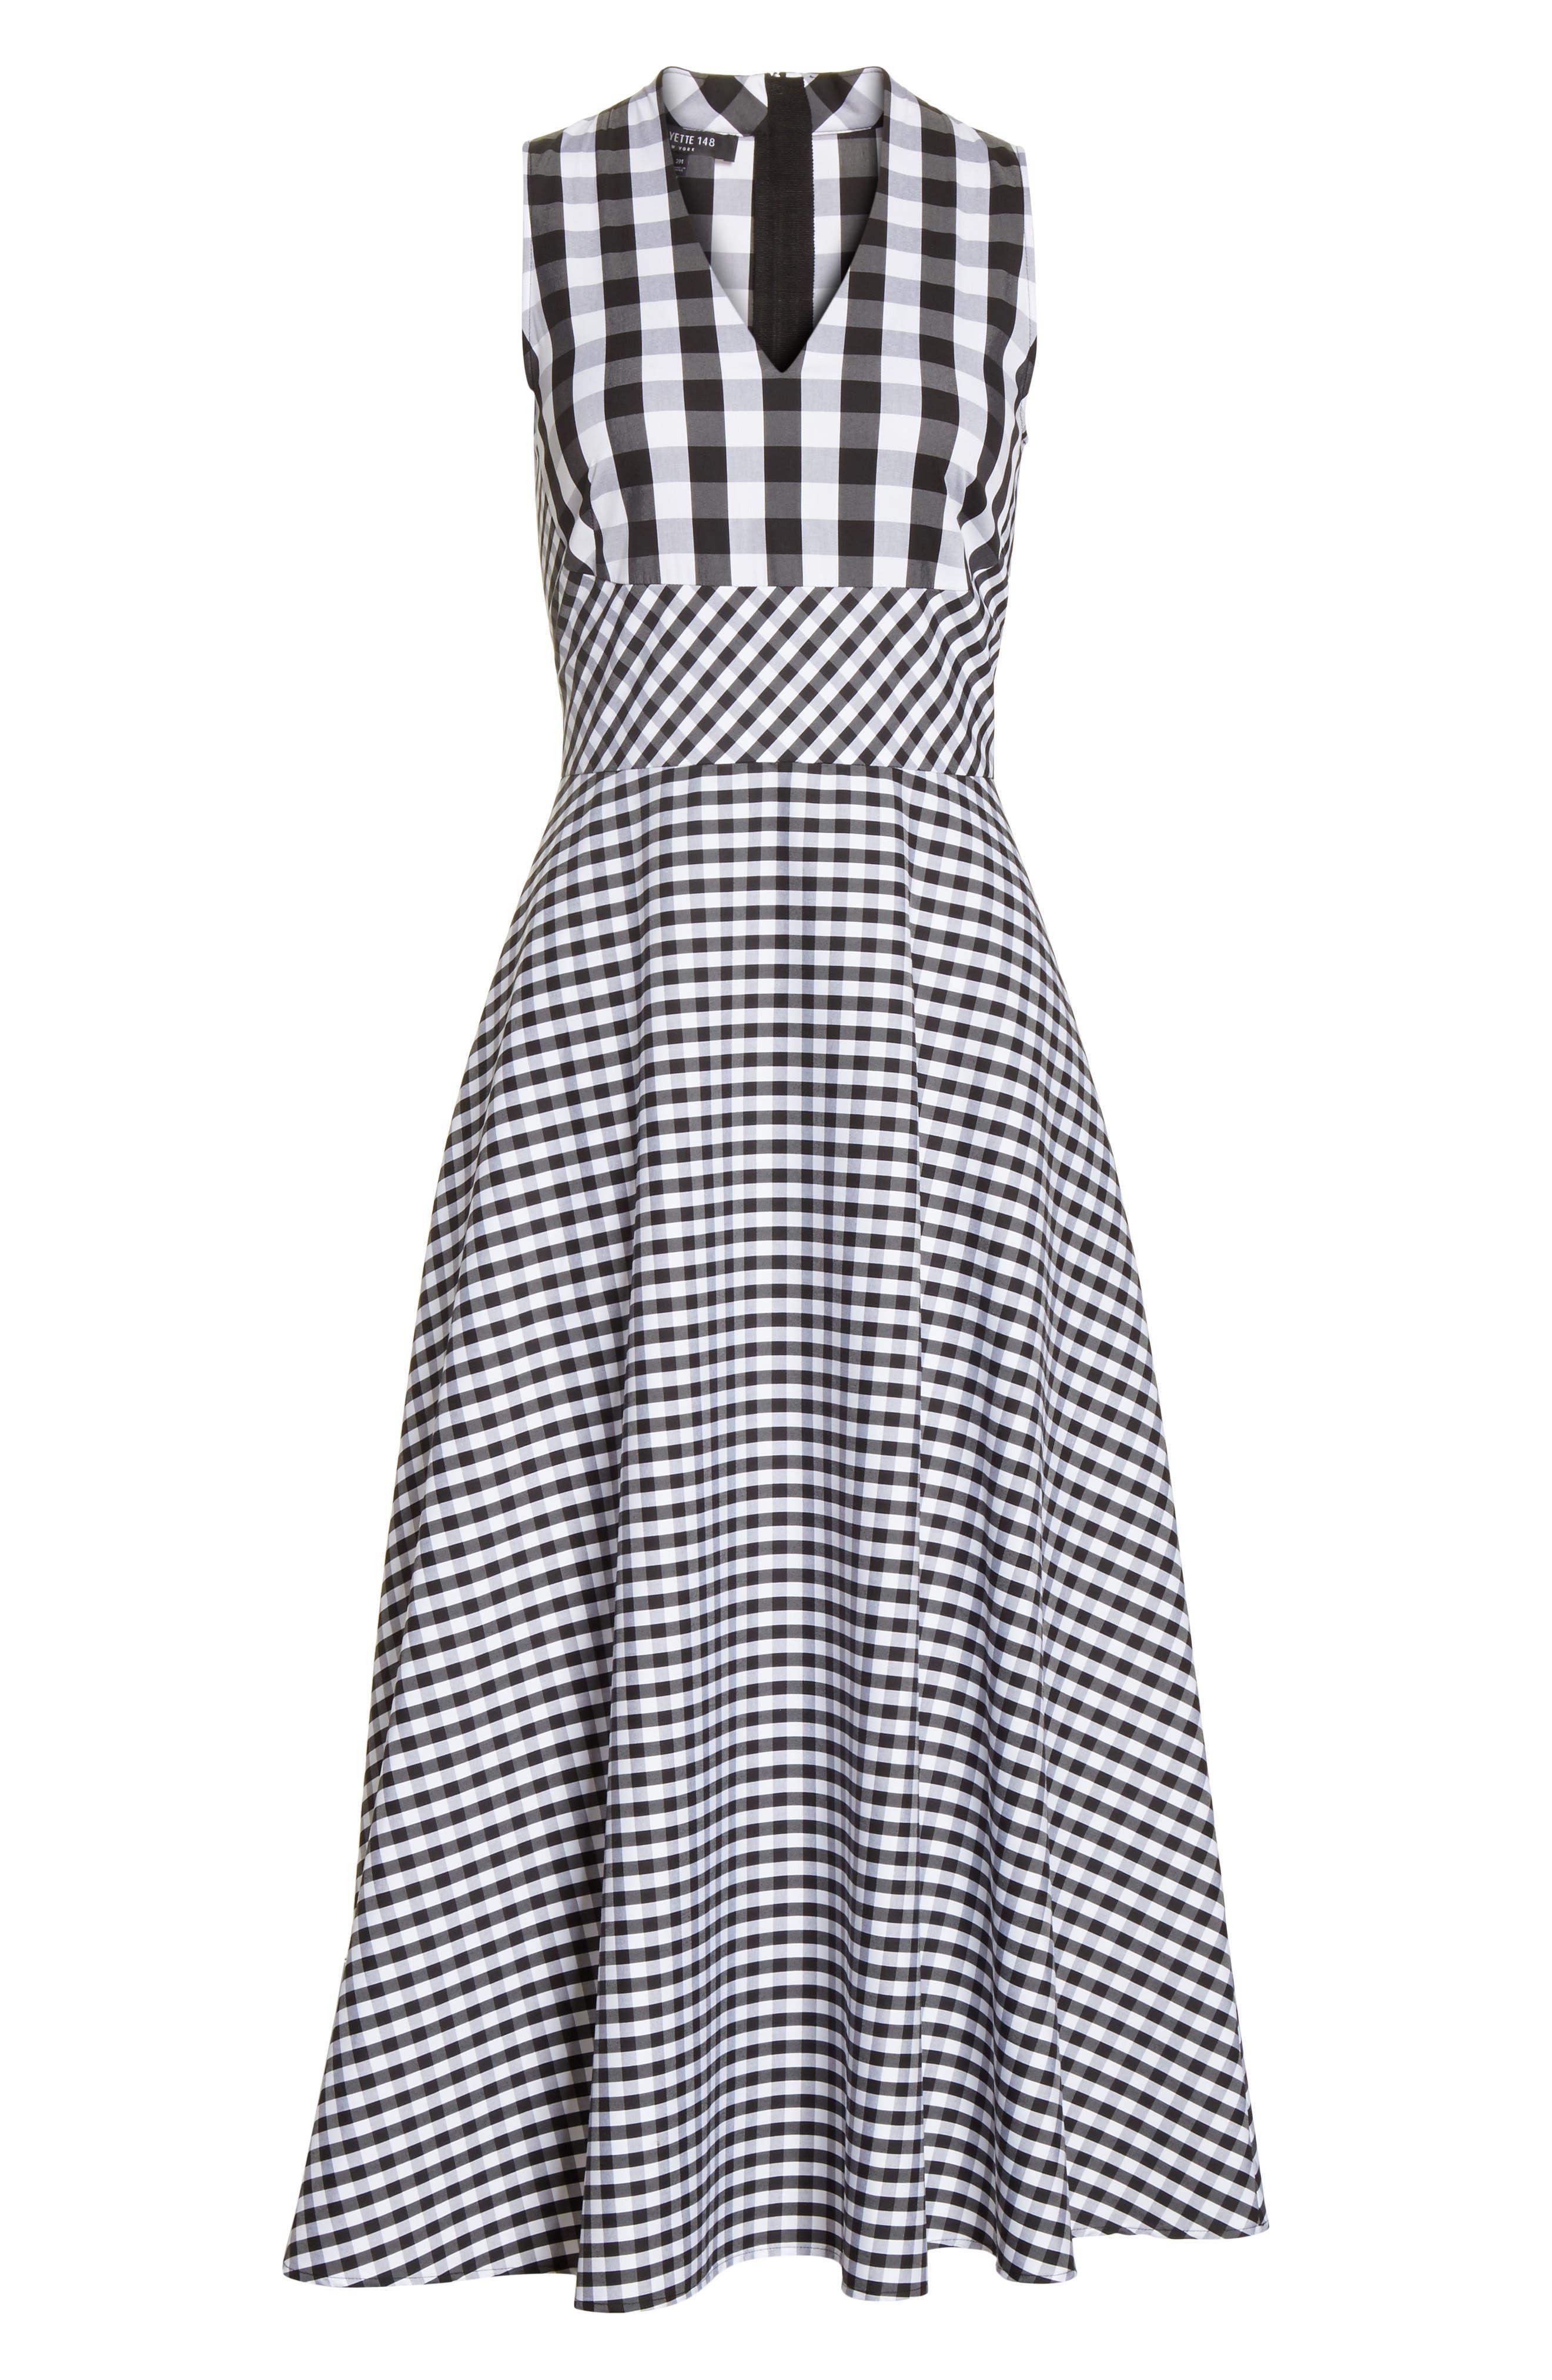 Adina Gingham Midi Dress,                             Alternate thumbnail 7, color,                             Black Multi